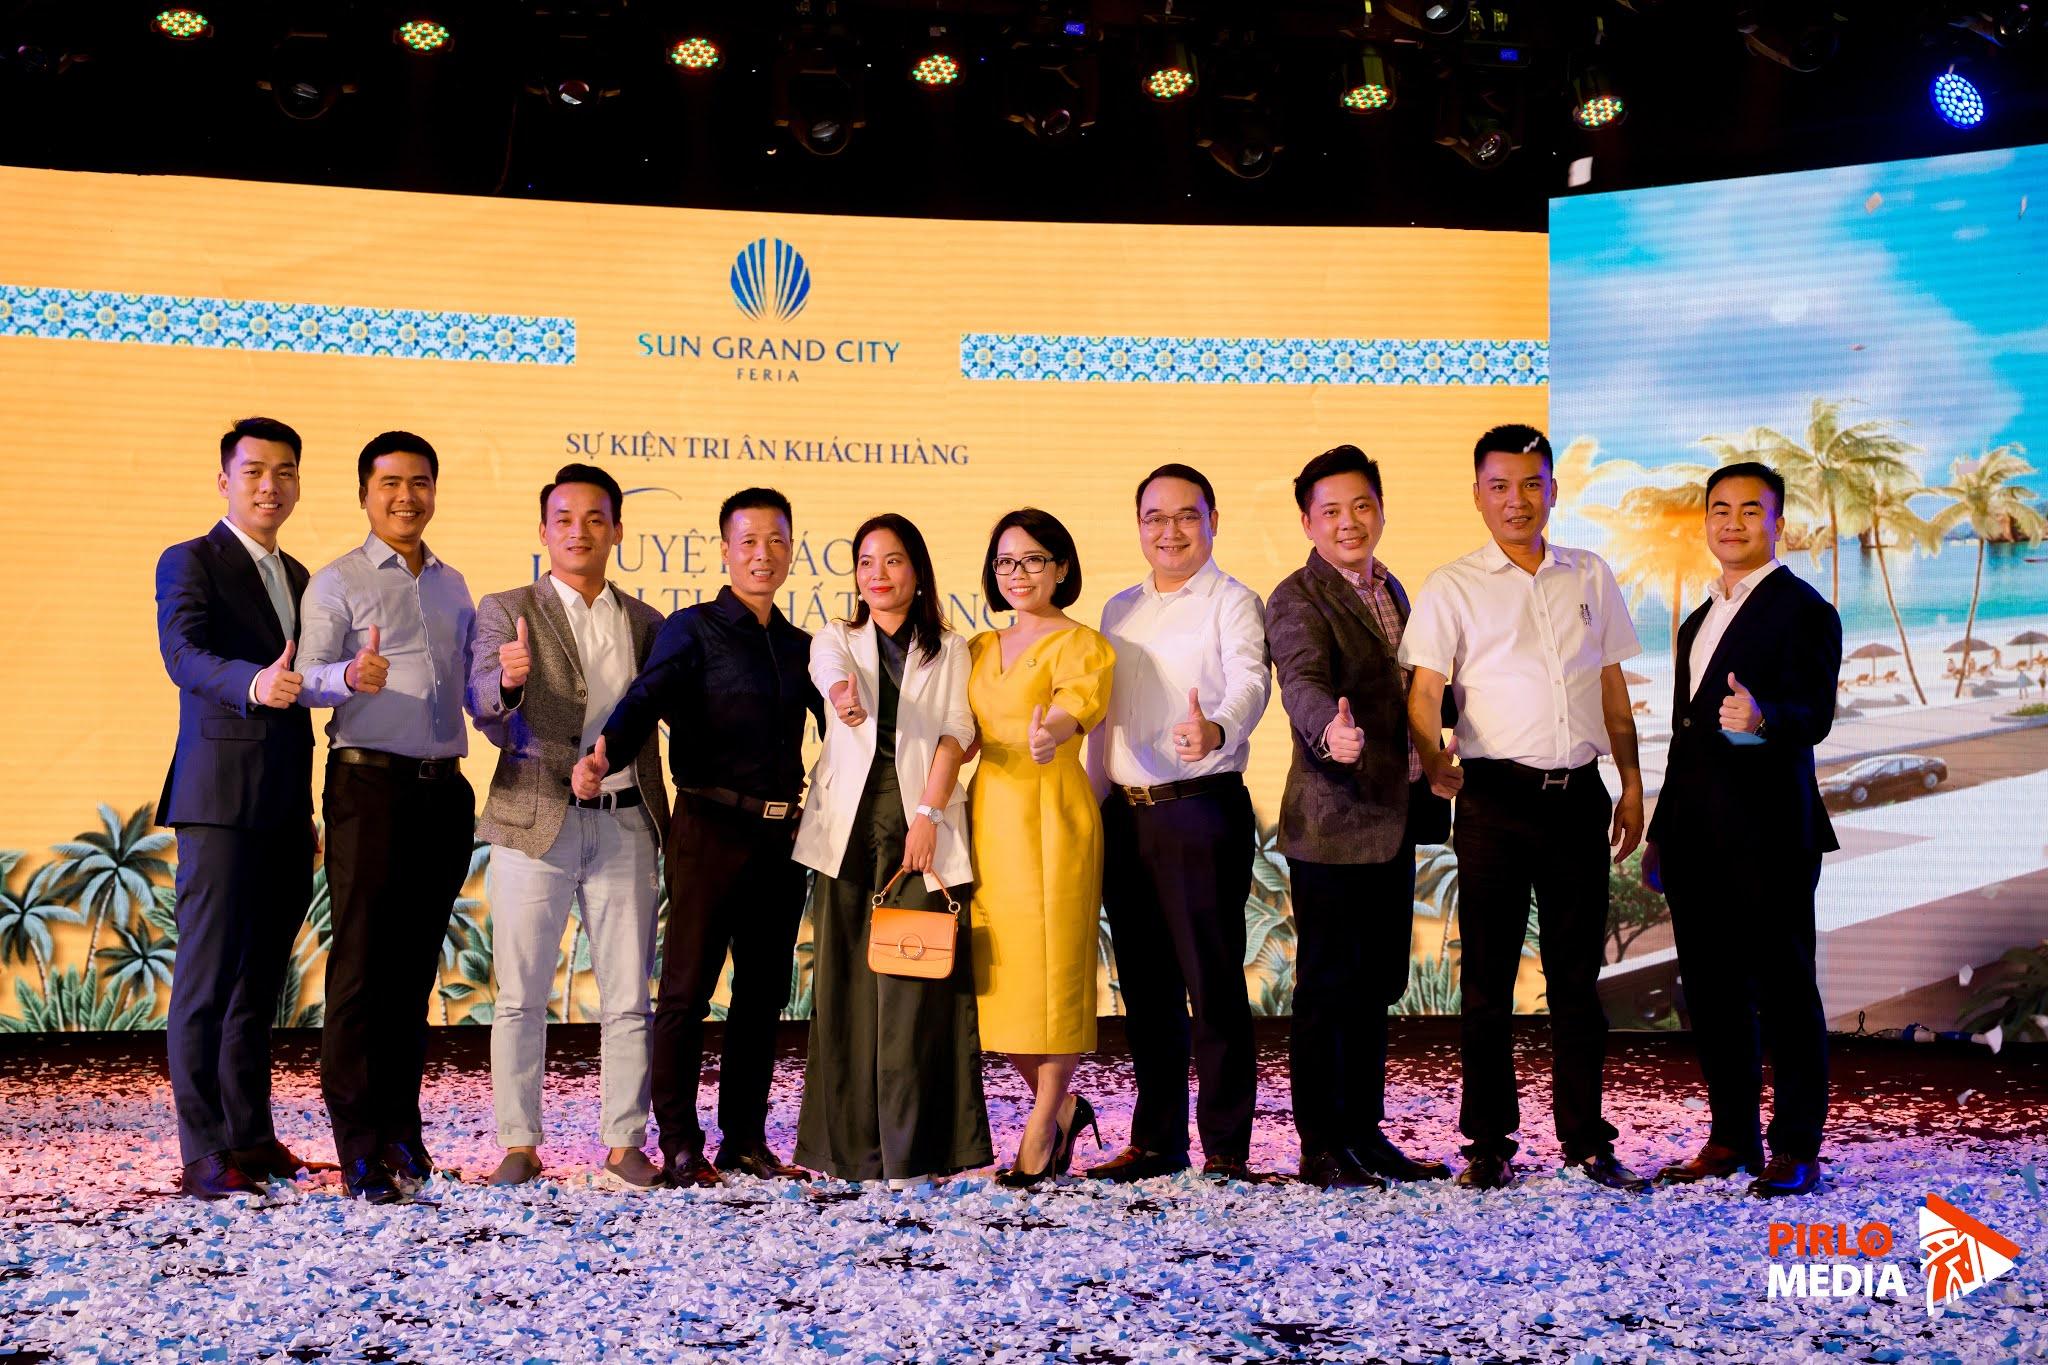 Chụp ảnh sự kiện tại Hạ Long Quảng Ninh